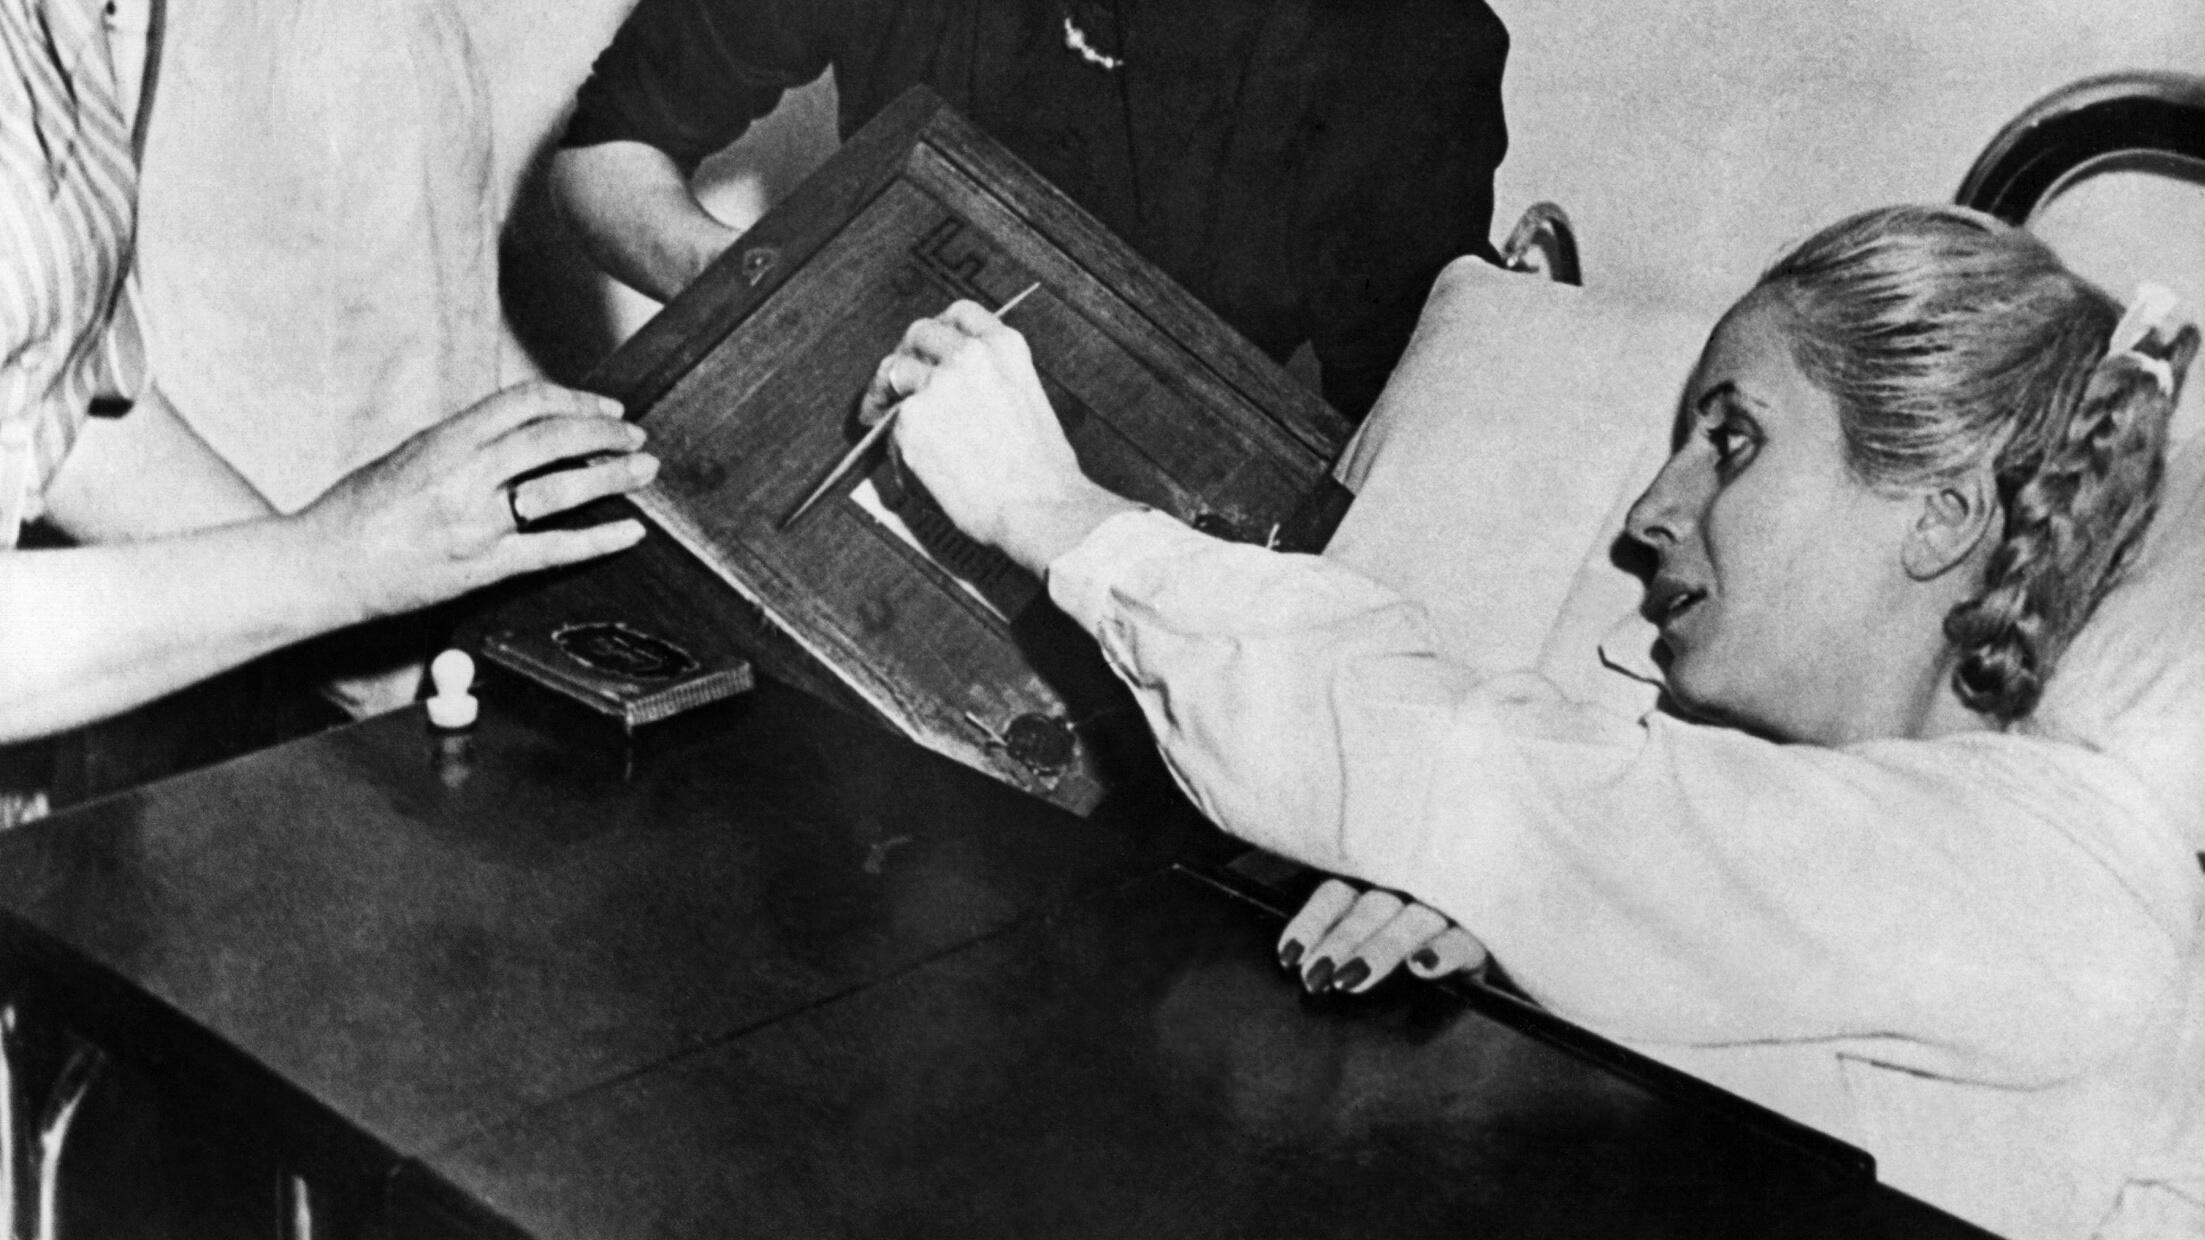 Eva Perón vota desde la cama de hospital en las primeras elecciones nacionales que permitieron el voto femenino el 11 de noviembre de 1951.